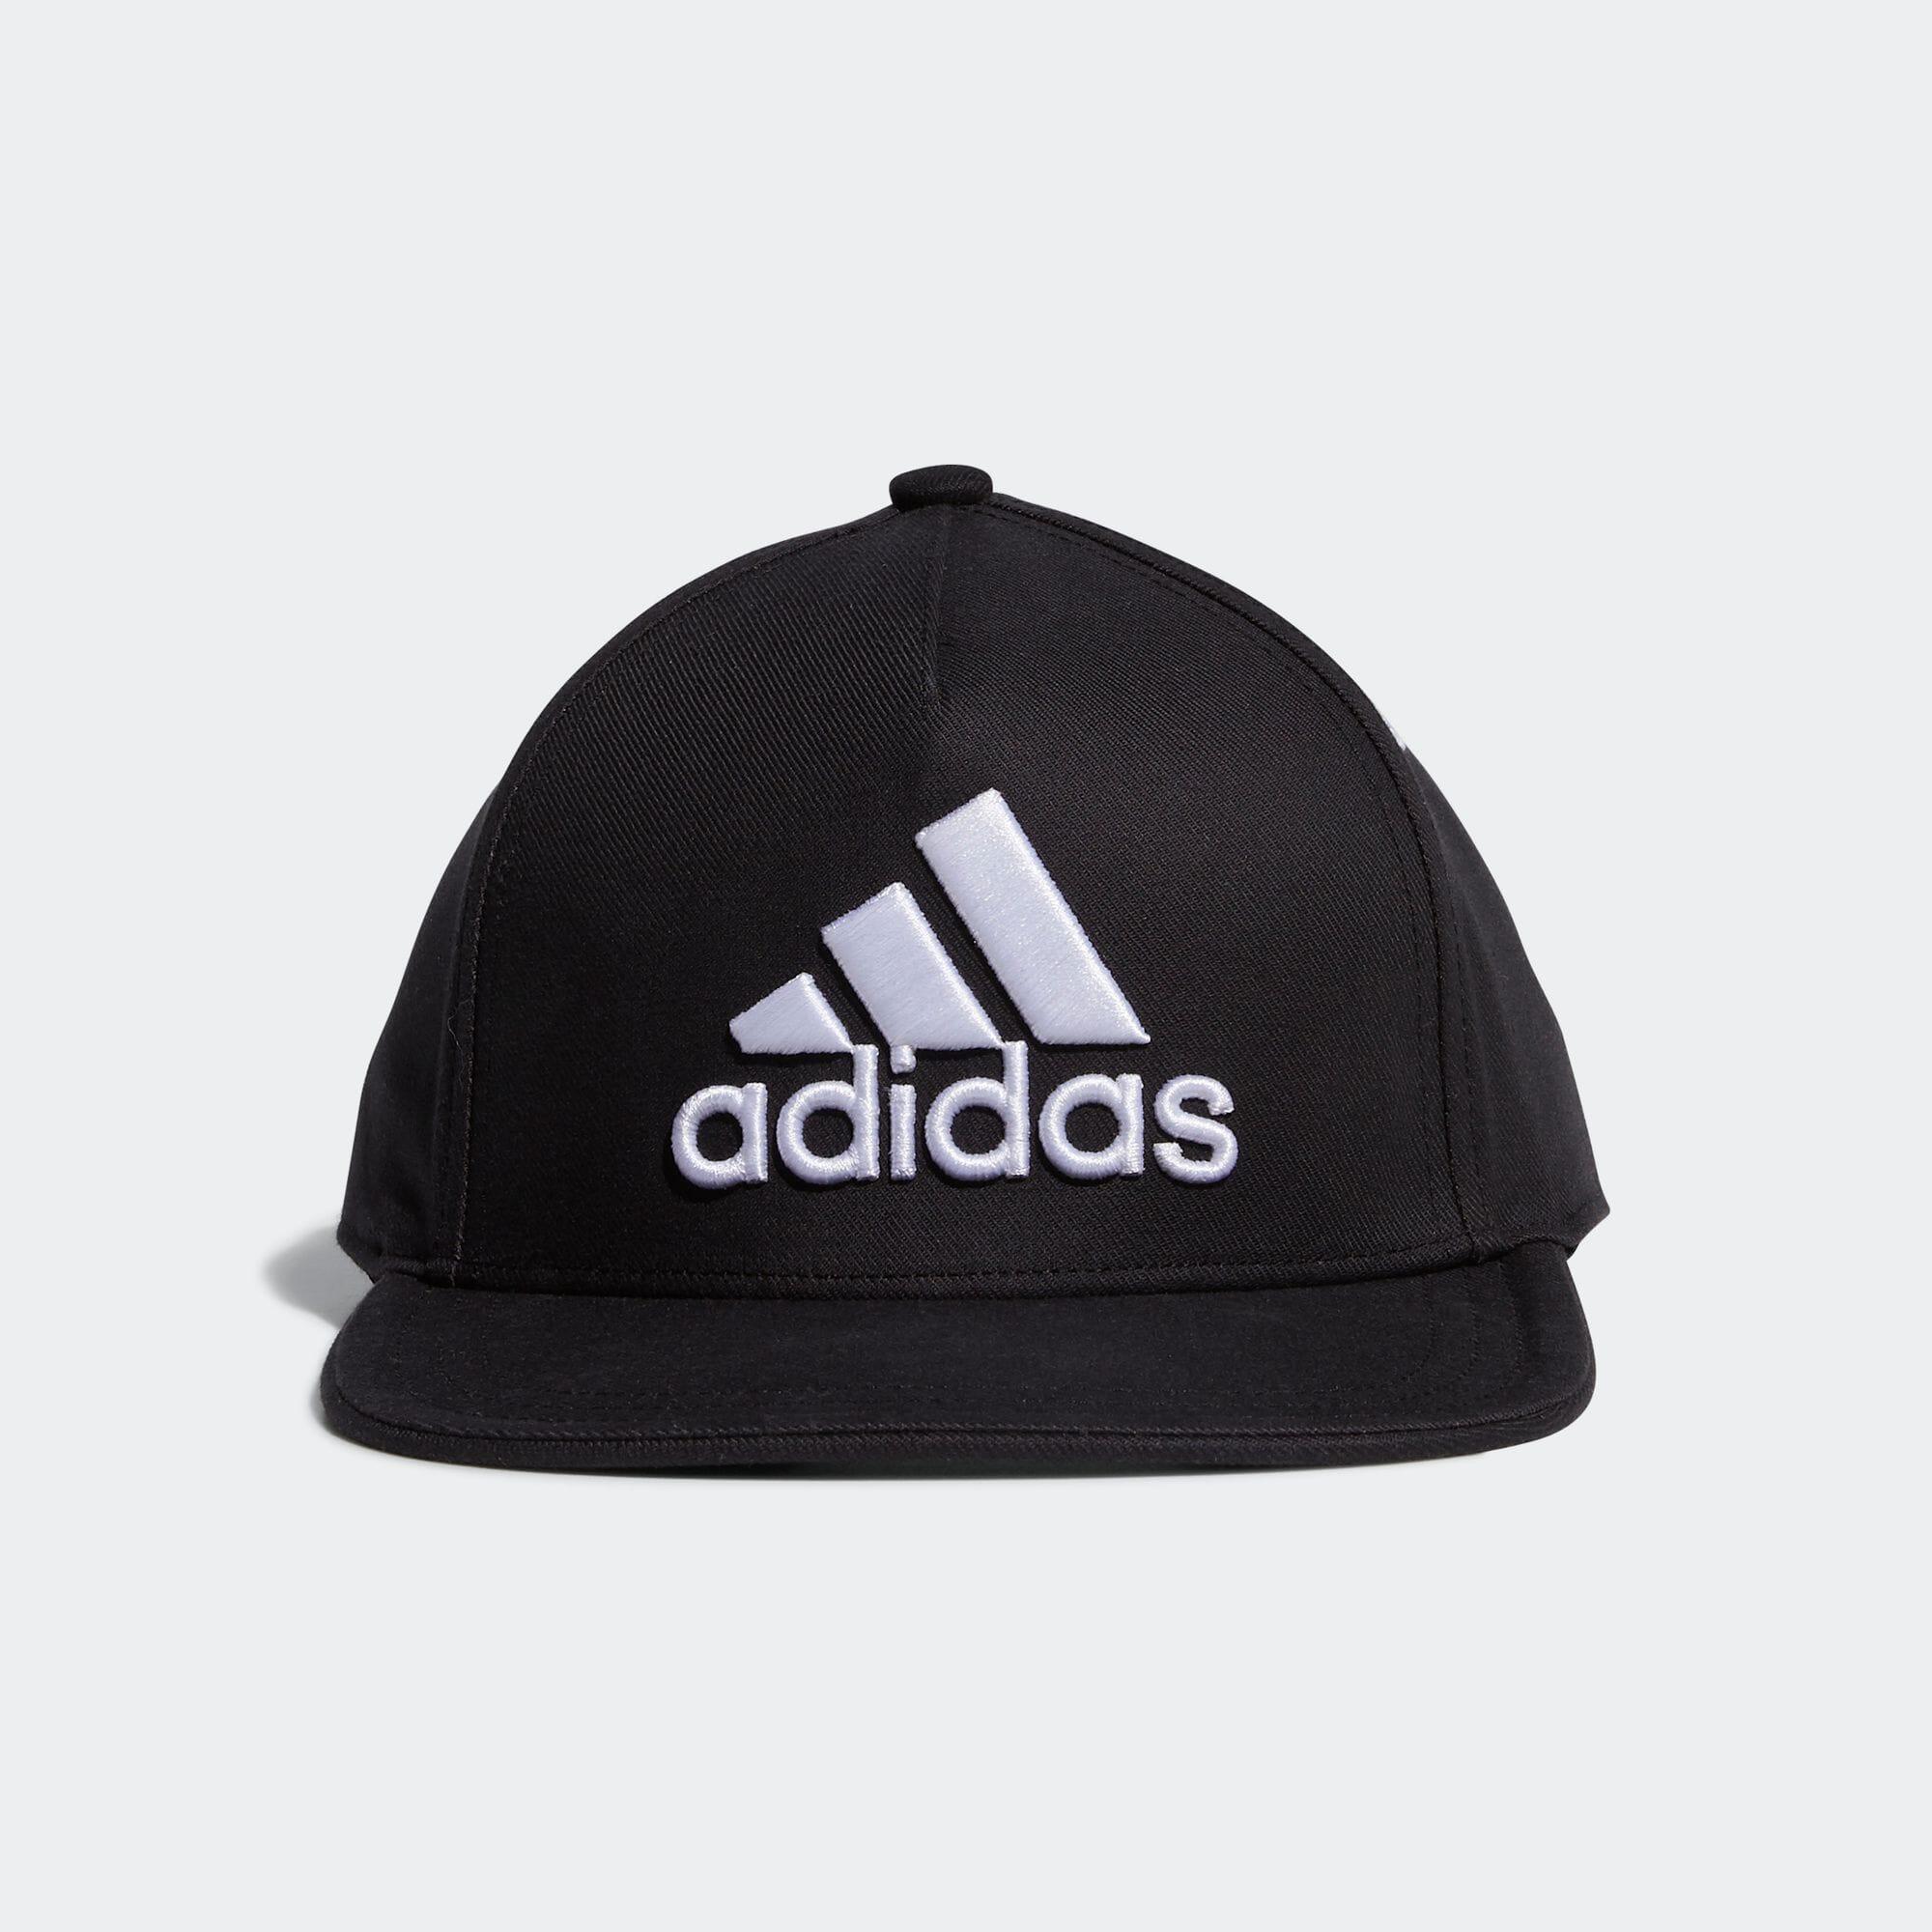 キッズフラットキャップ / Kids Flat CAP